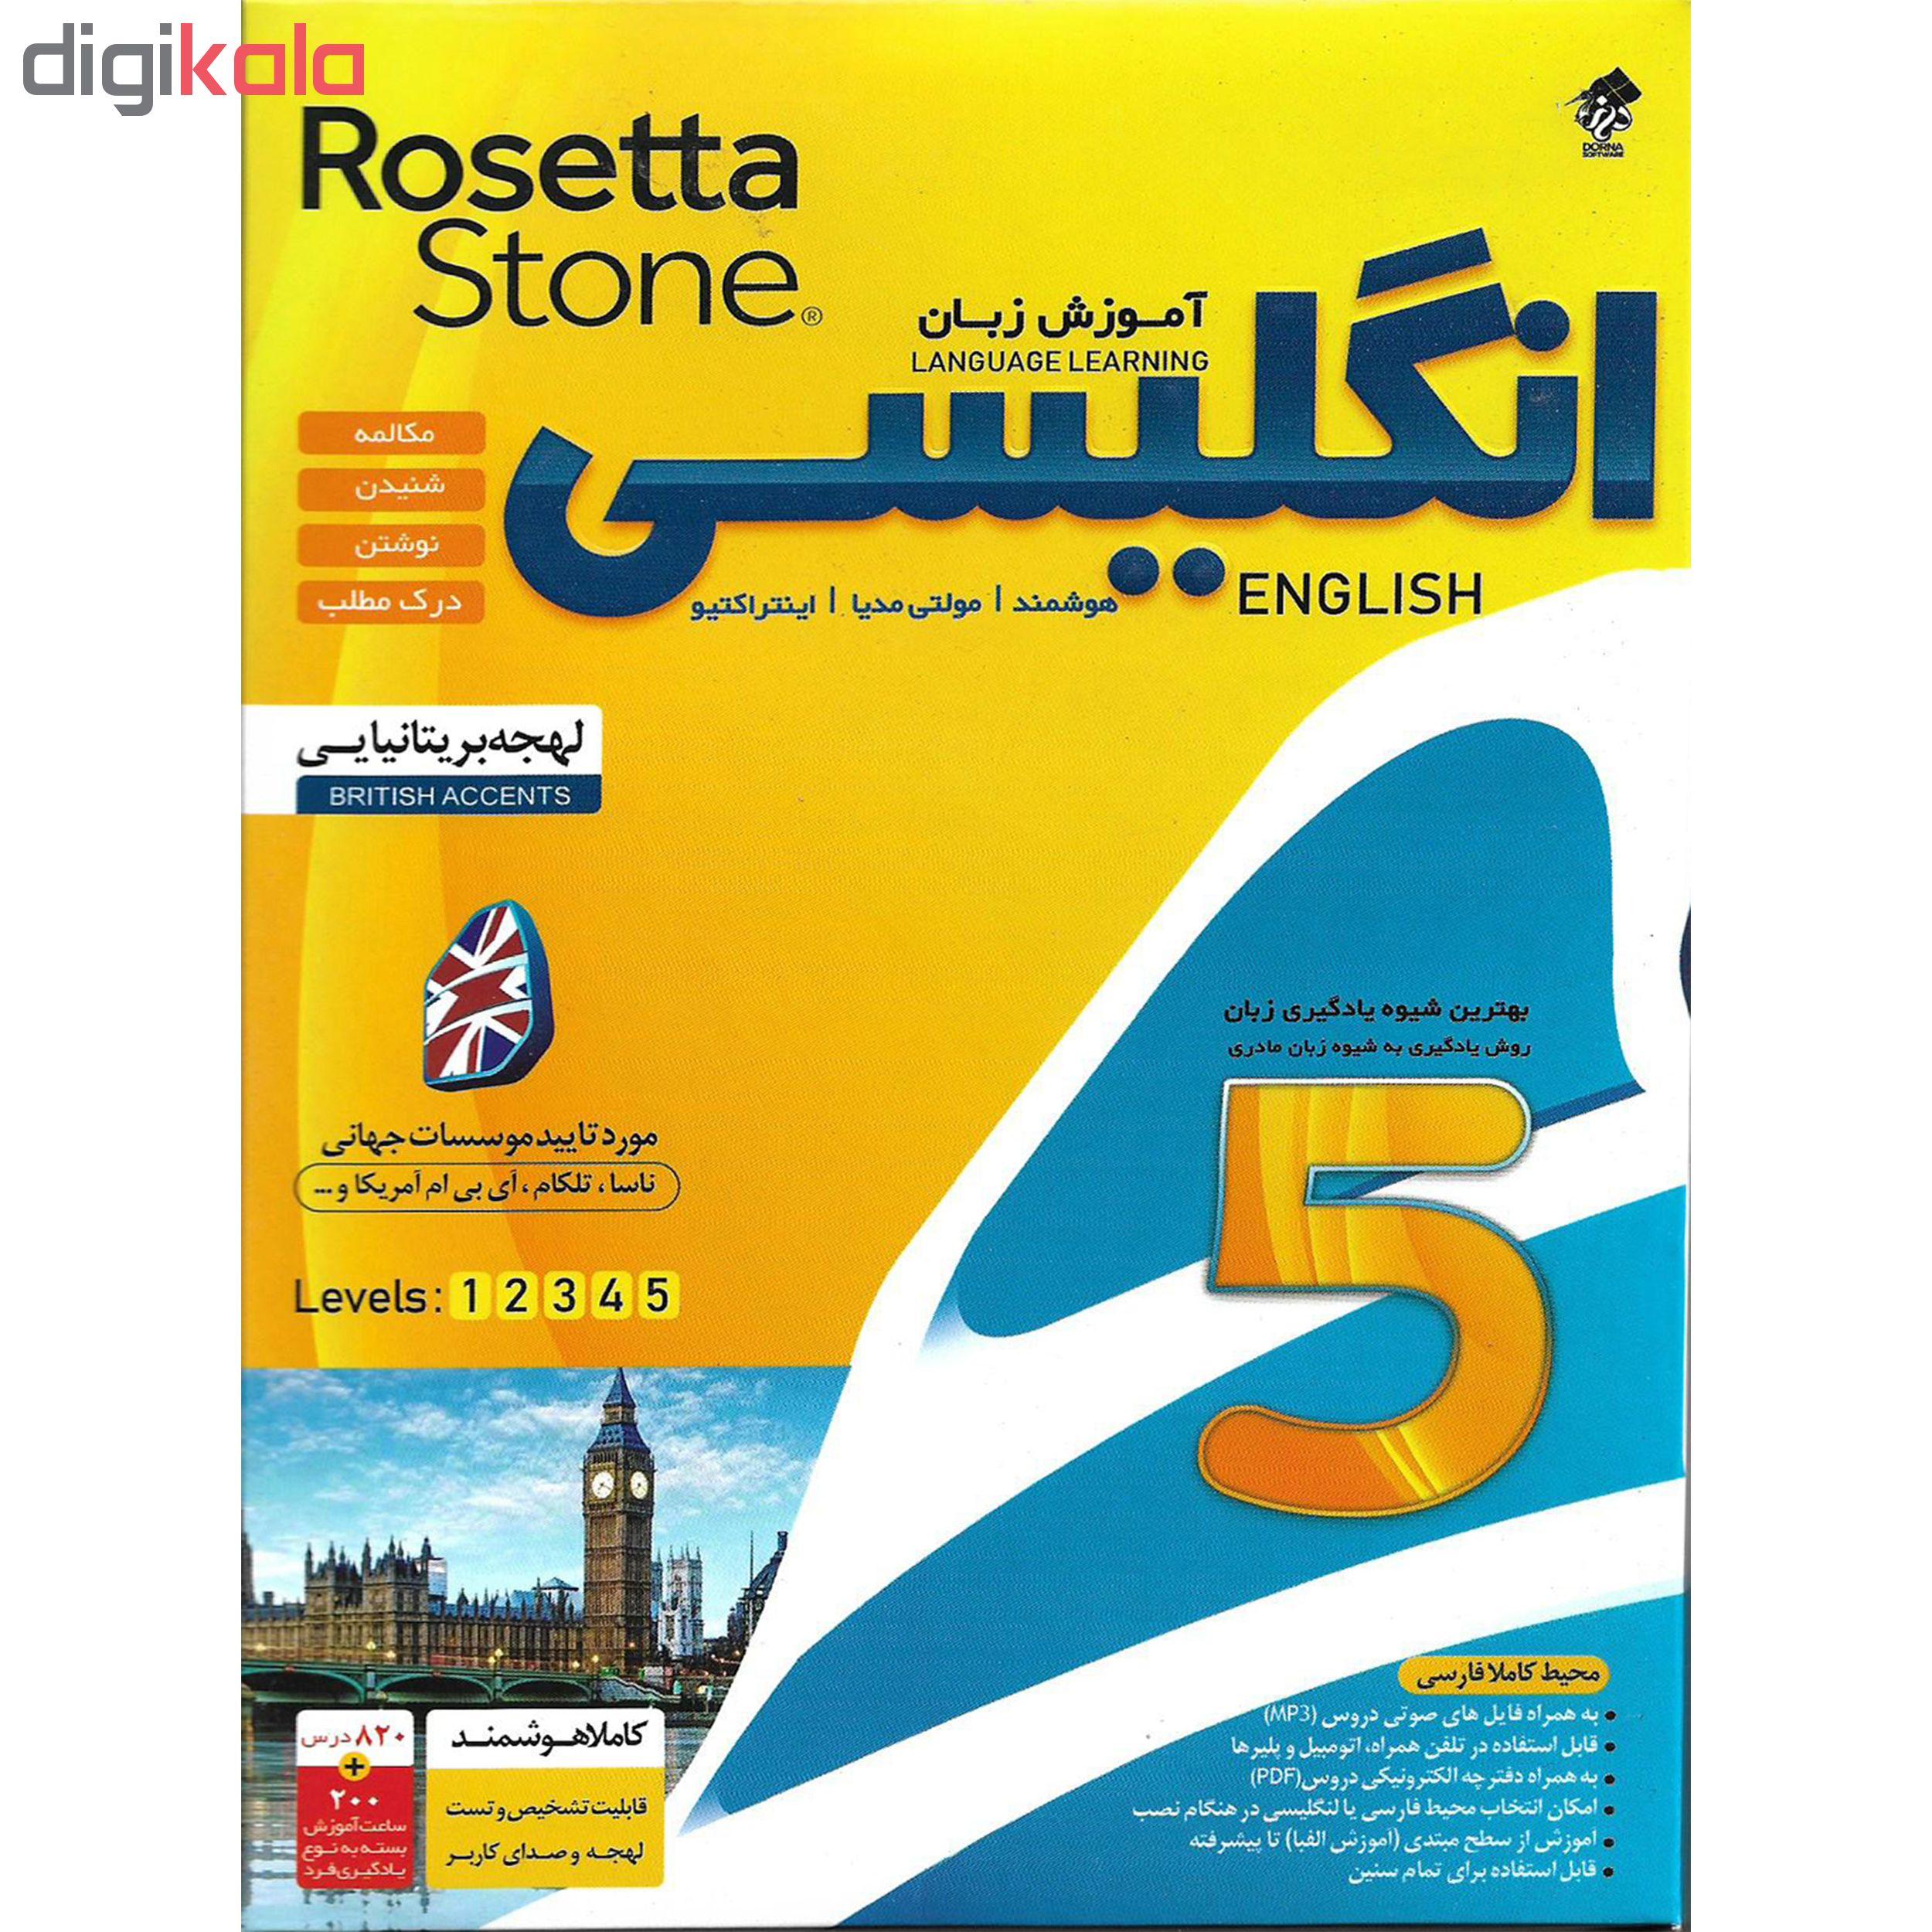 نرم افزار آموزش زبان انگلیسی نود روز نشر پدیده به همراه نرم افزار آموزش زبان انگلیسی ROSETTA STONE لهجه بریتانیایی نشر درنا